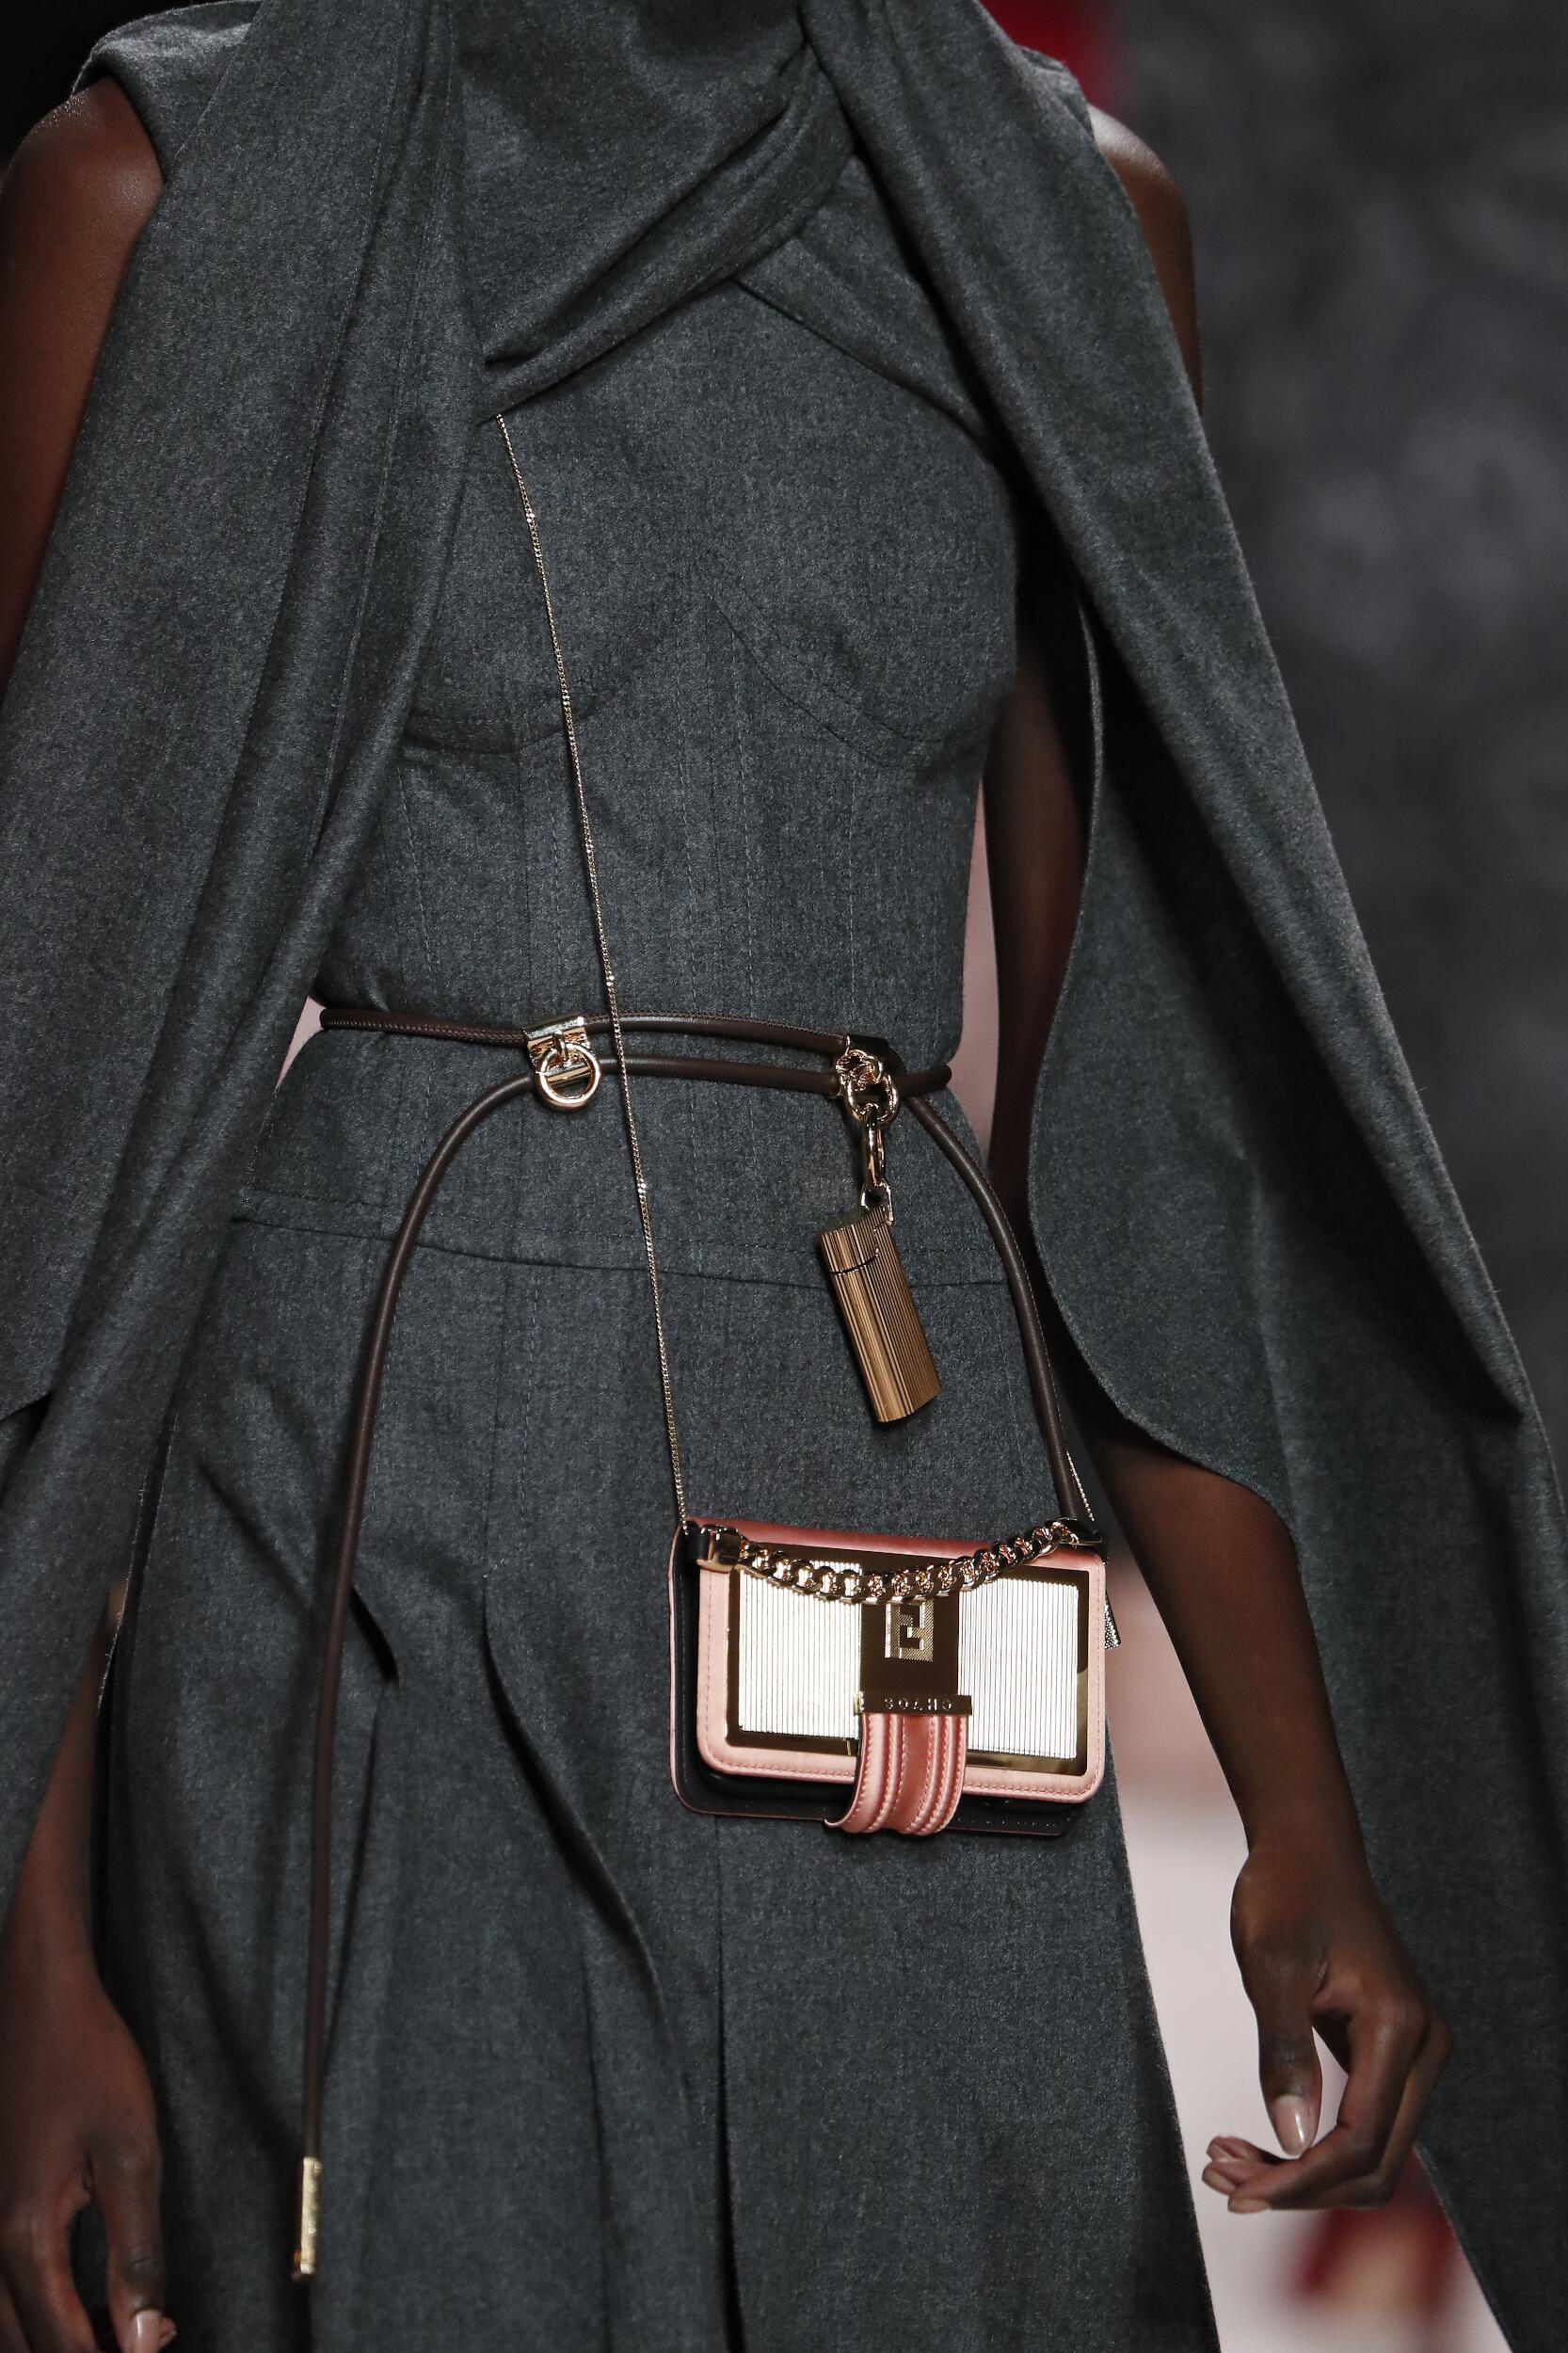 Fendi Fall Winter 2020 Bag